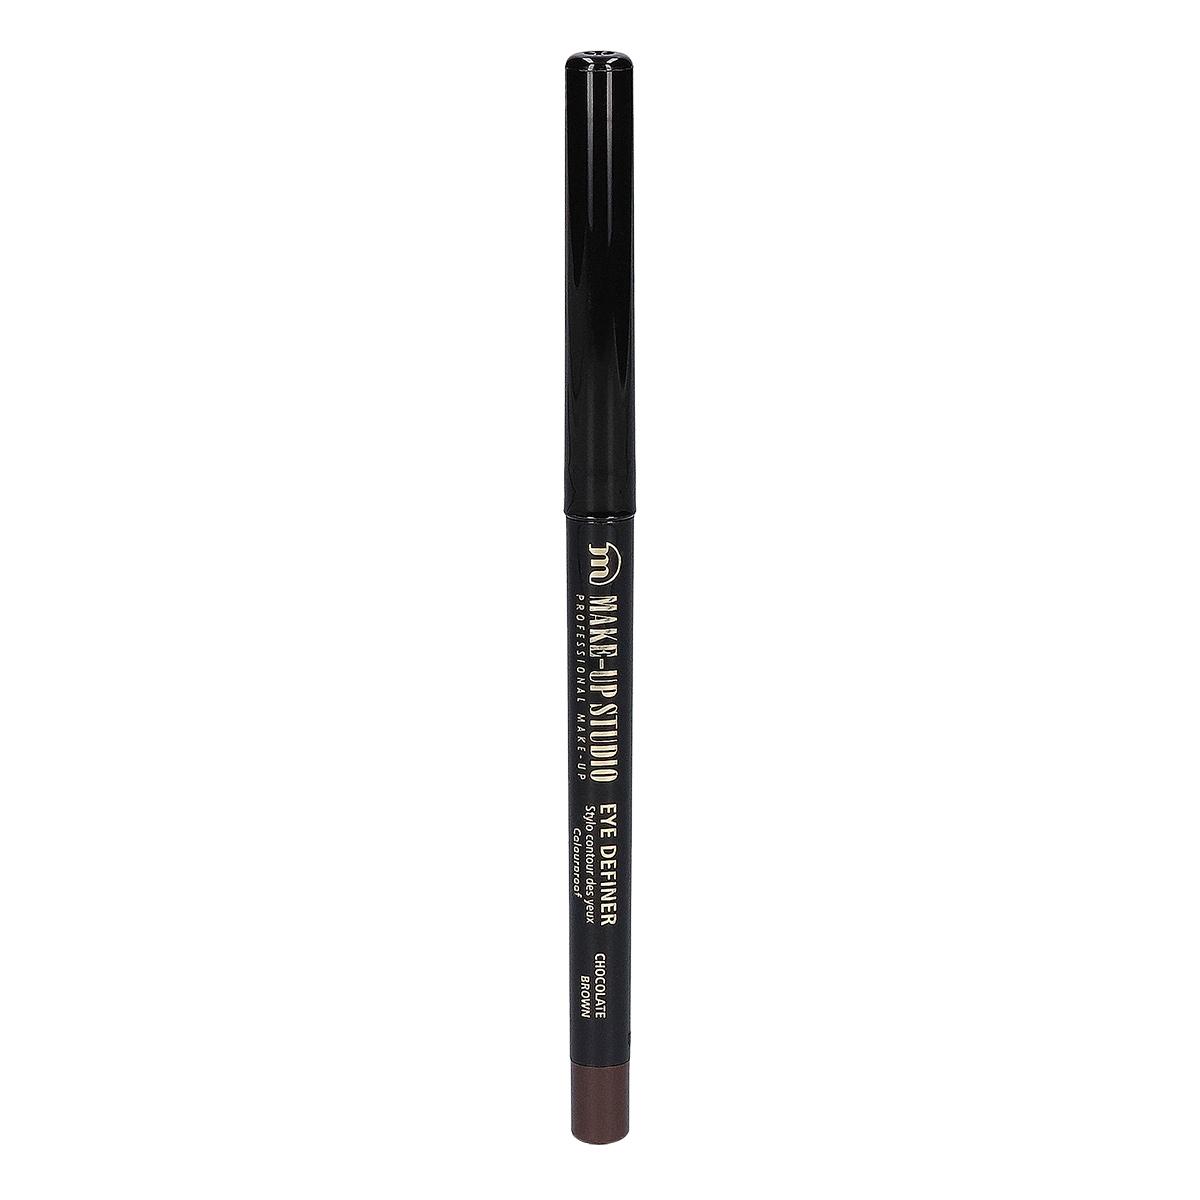 Eye Definer Eyeliner - Chocolate Brown